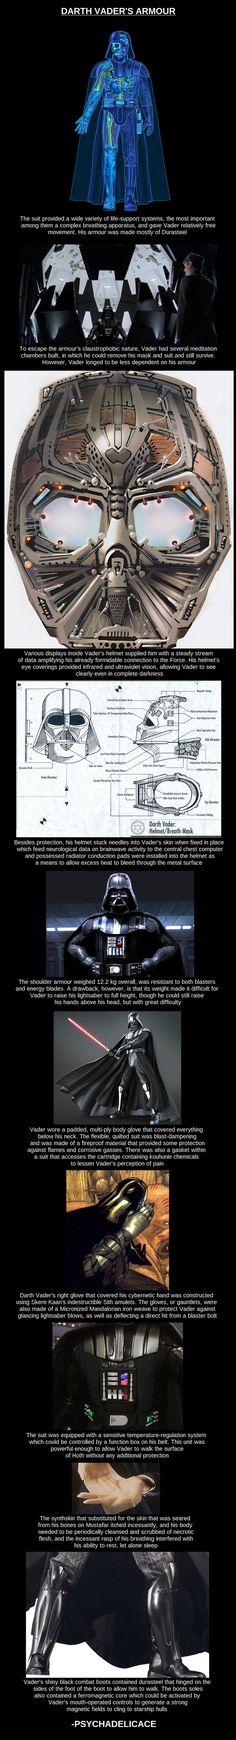 La armadura de Darth Vader